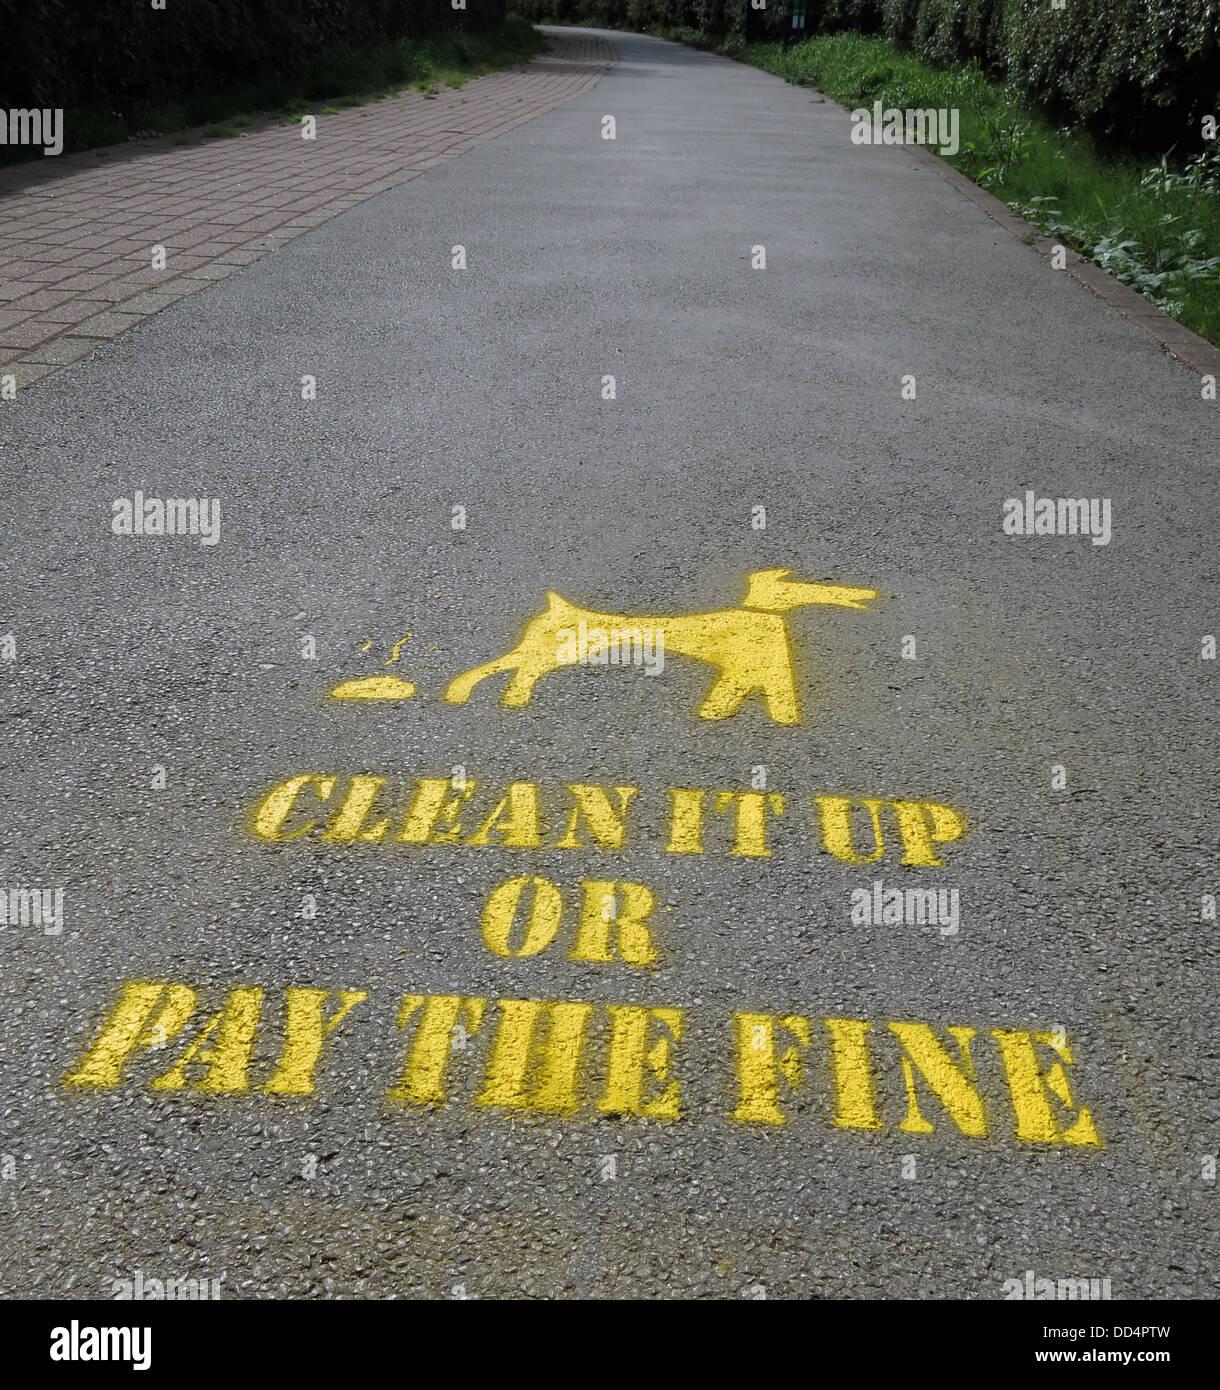 Laden Sie dieses Alamy Stockfoto Gelbe bereinigen Ihre Hund durcheinander Schablone Borough Council Warrington, Cheshire, England, UK - DD4PTW